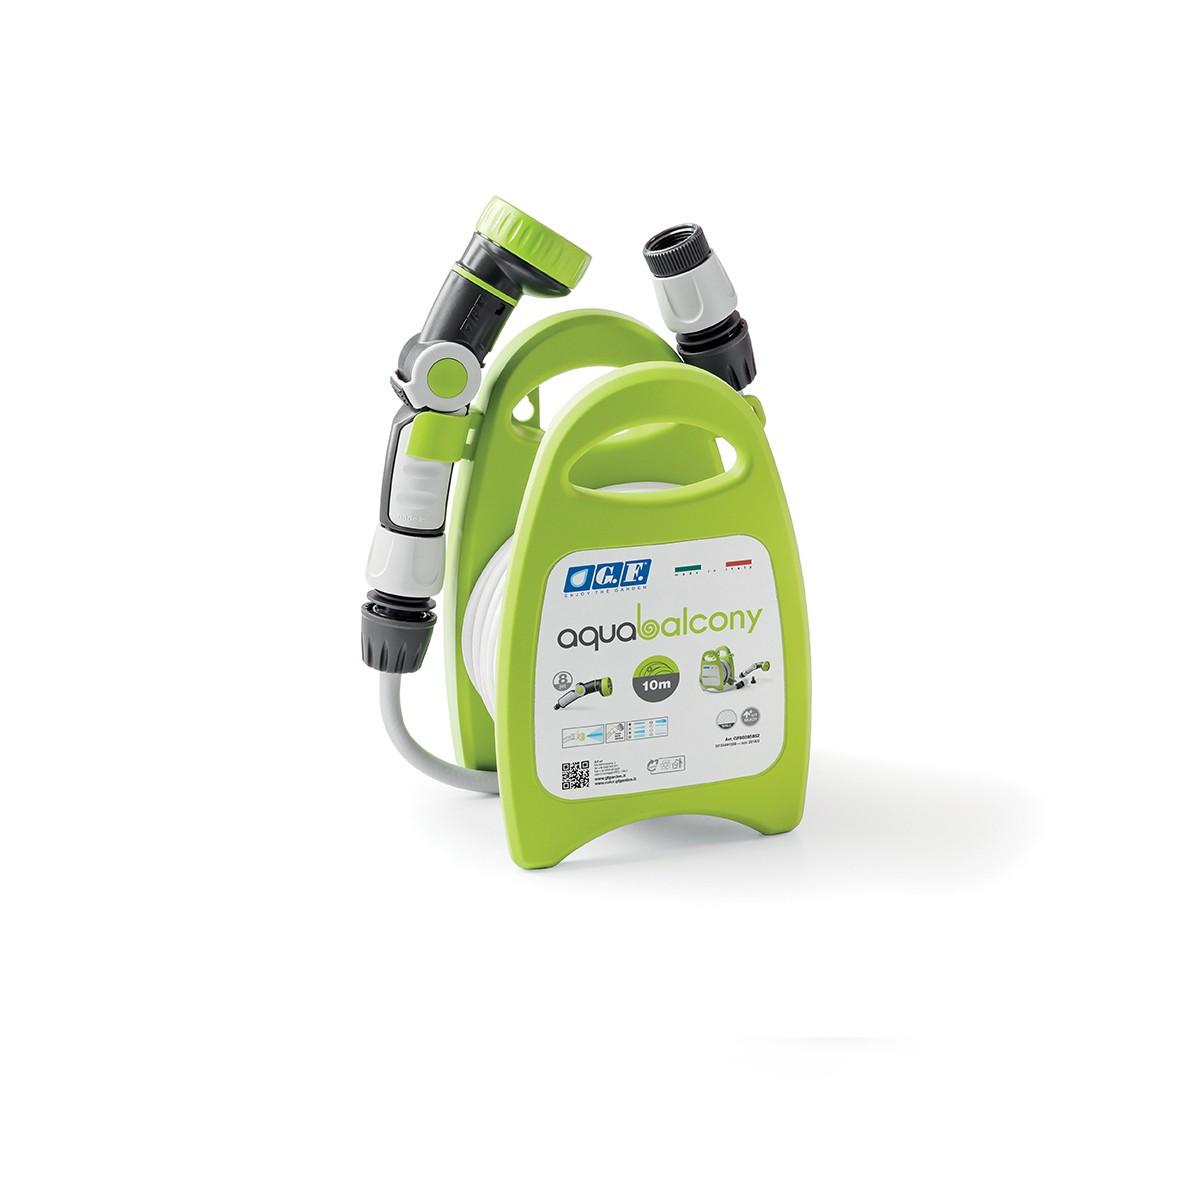 Aquabalcony Kit Lime